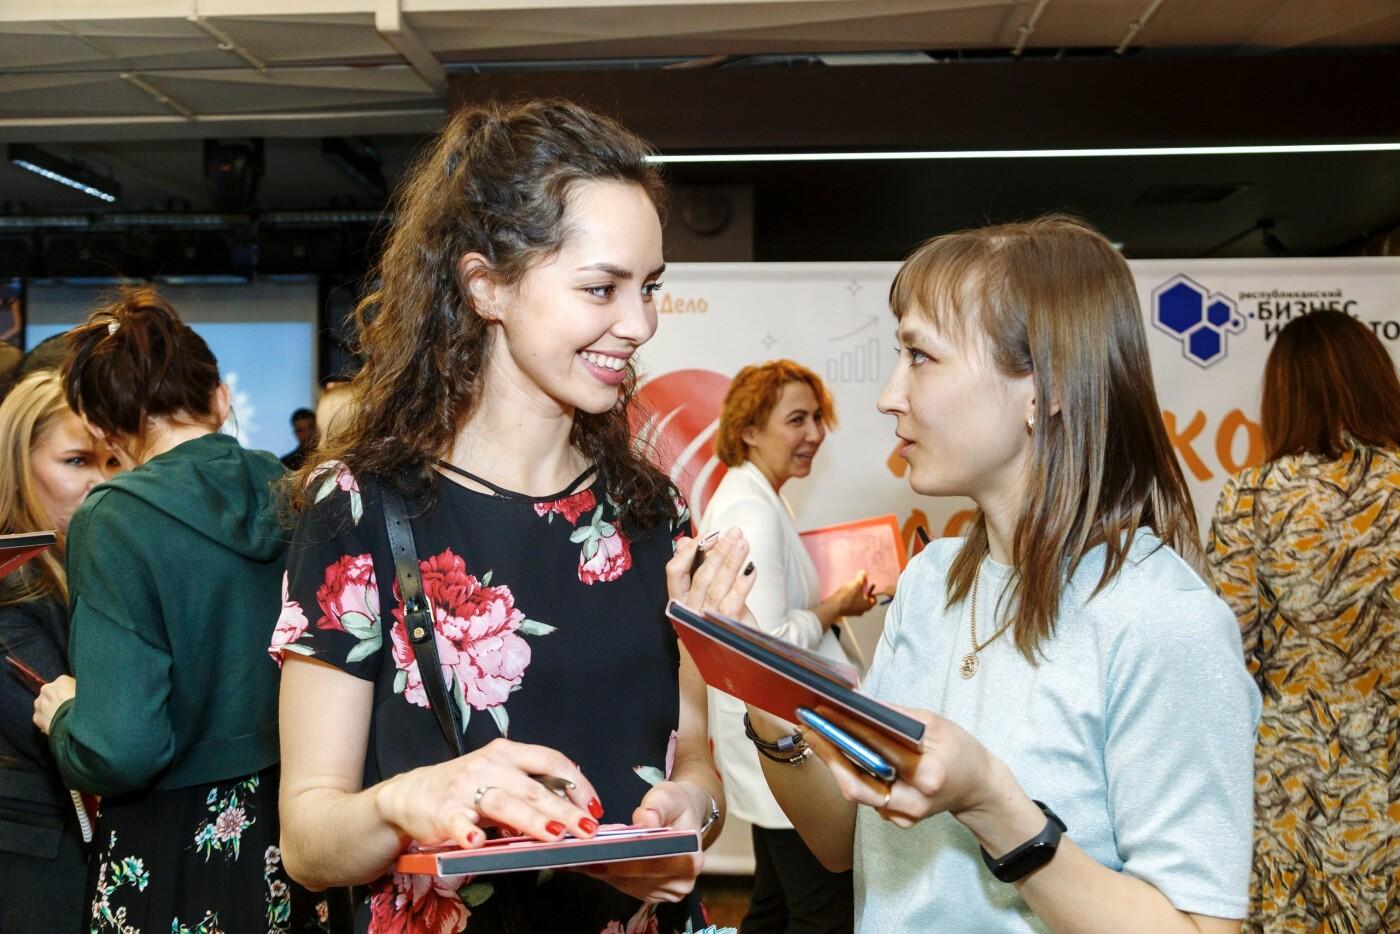 День предпринимателя пройдет в Бизнес инкубаторе в Ижевске, фото-1